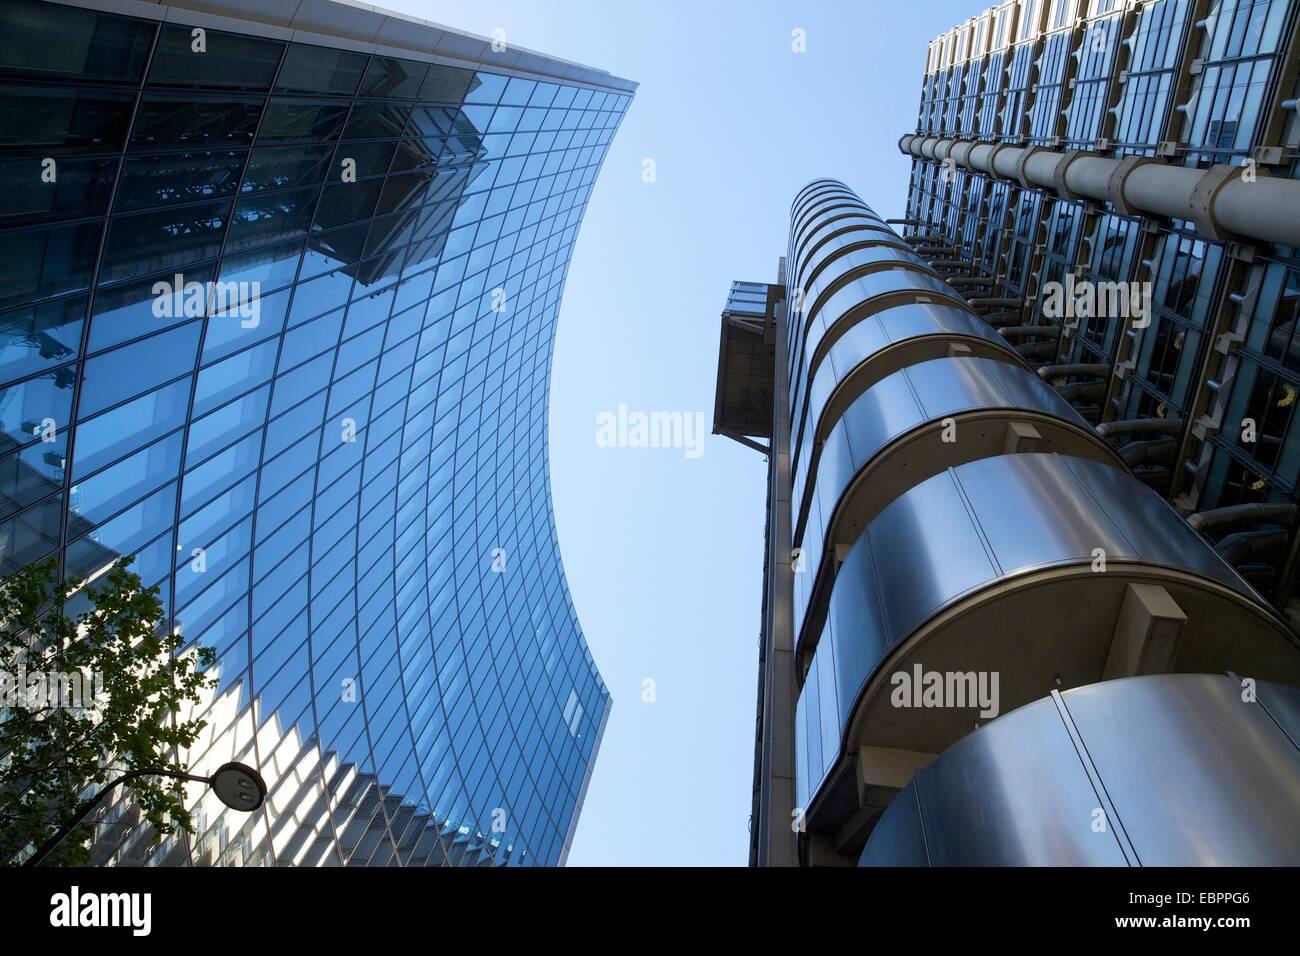 Lloyds und Willis Gebäude, Bankenviertel, City of London, England, Vereinigtes Königreich, Europa Stockbild